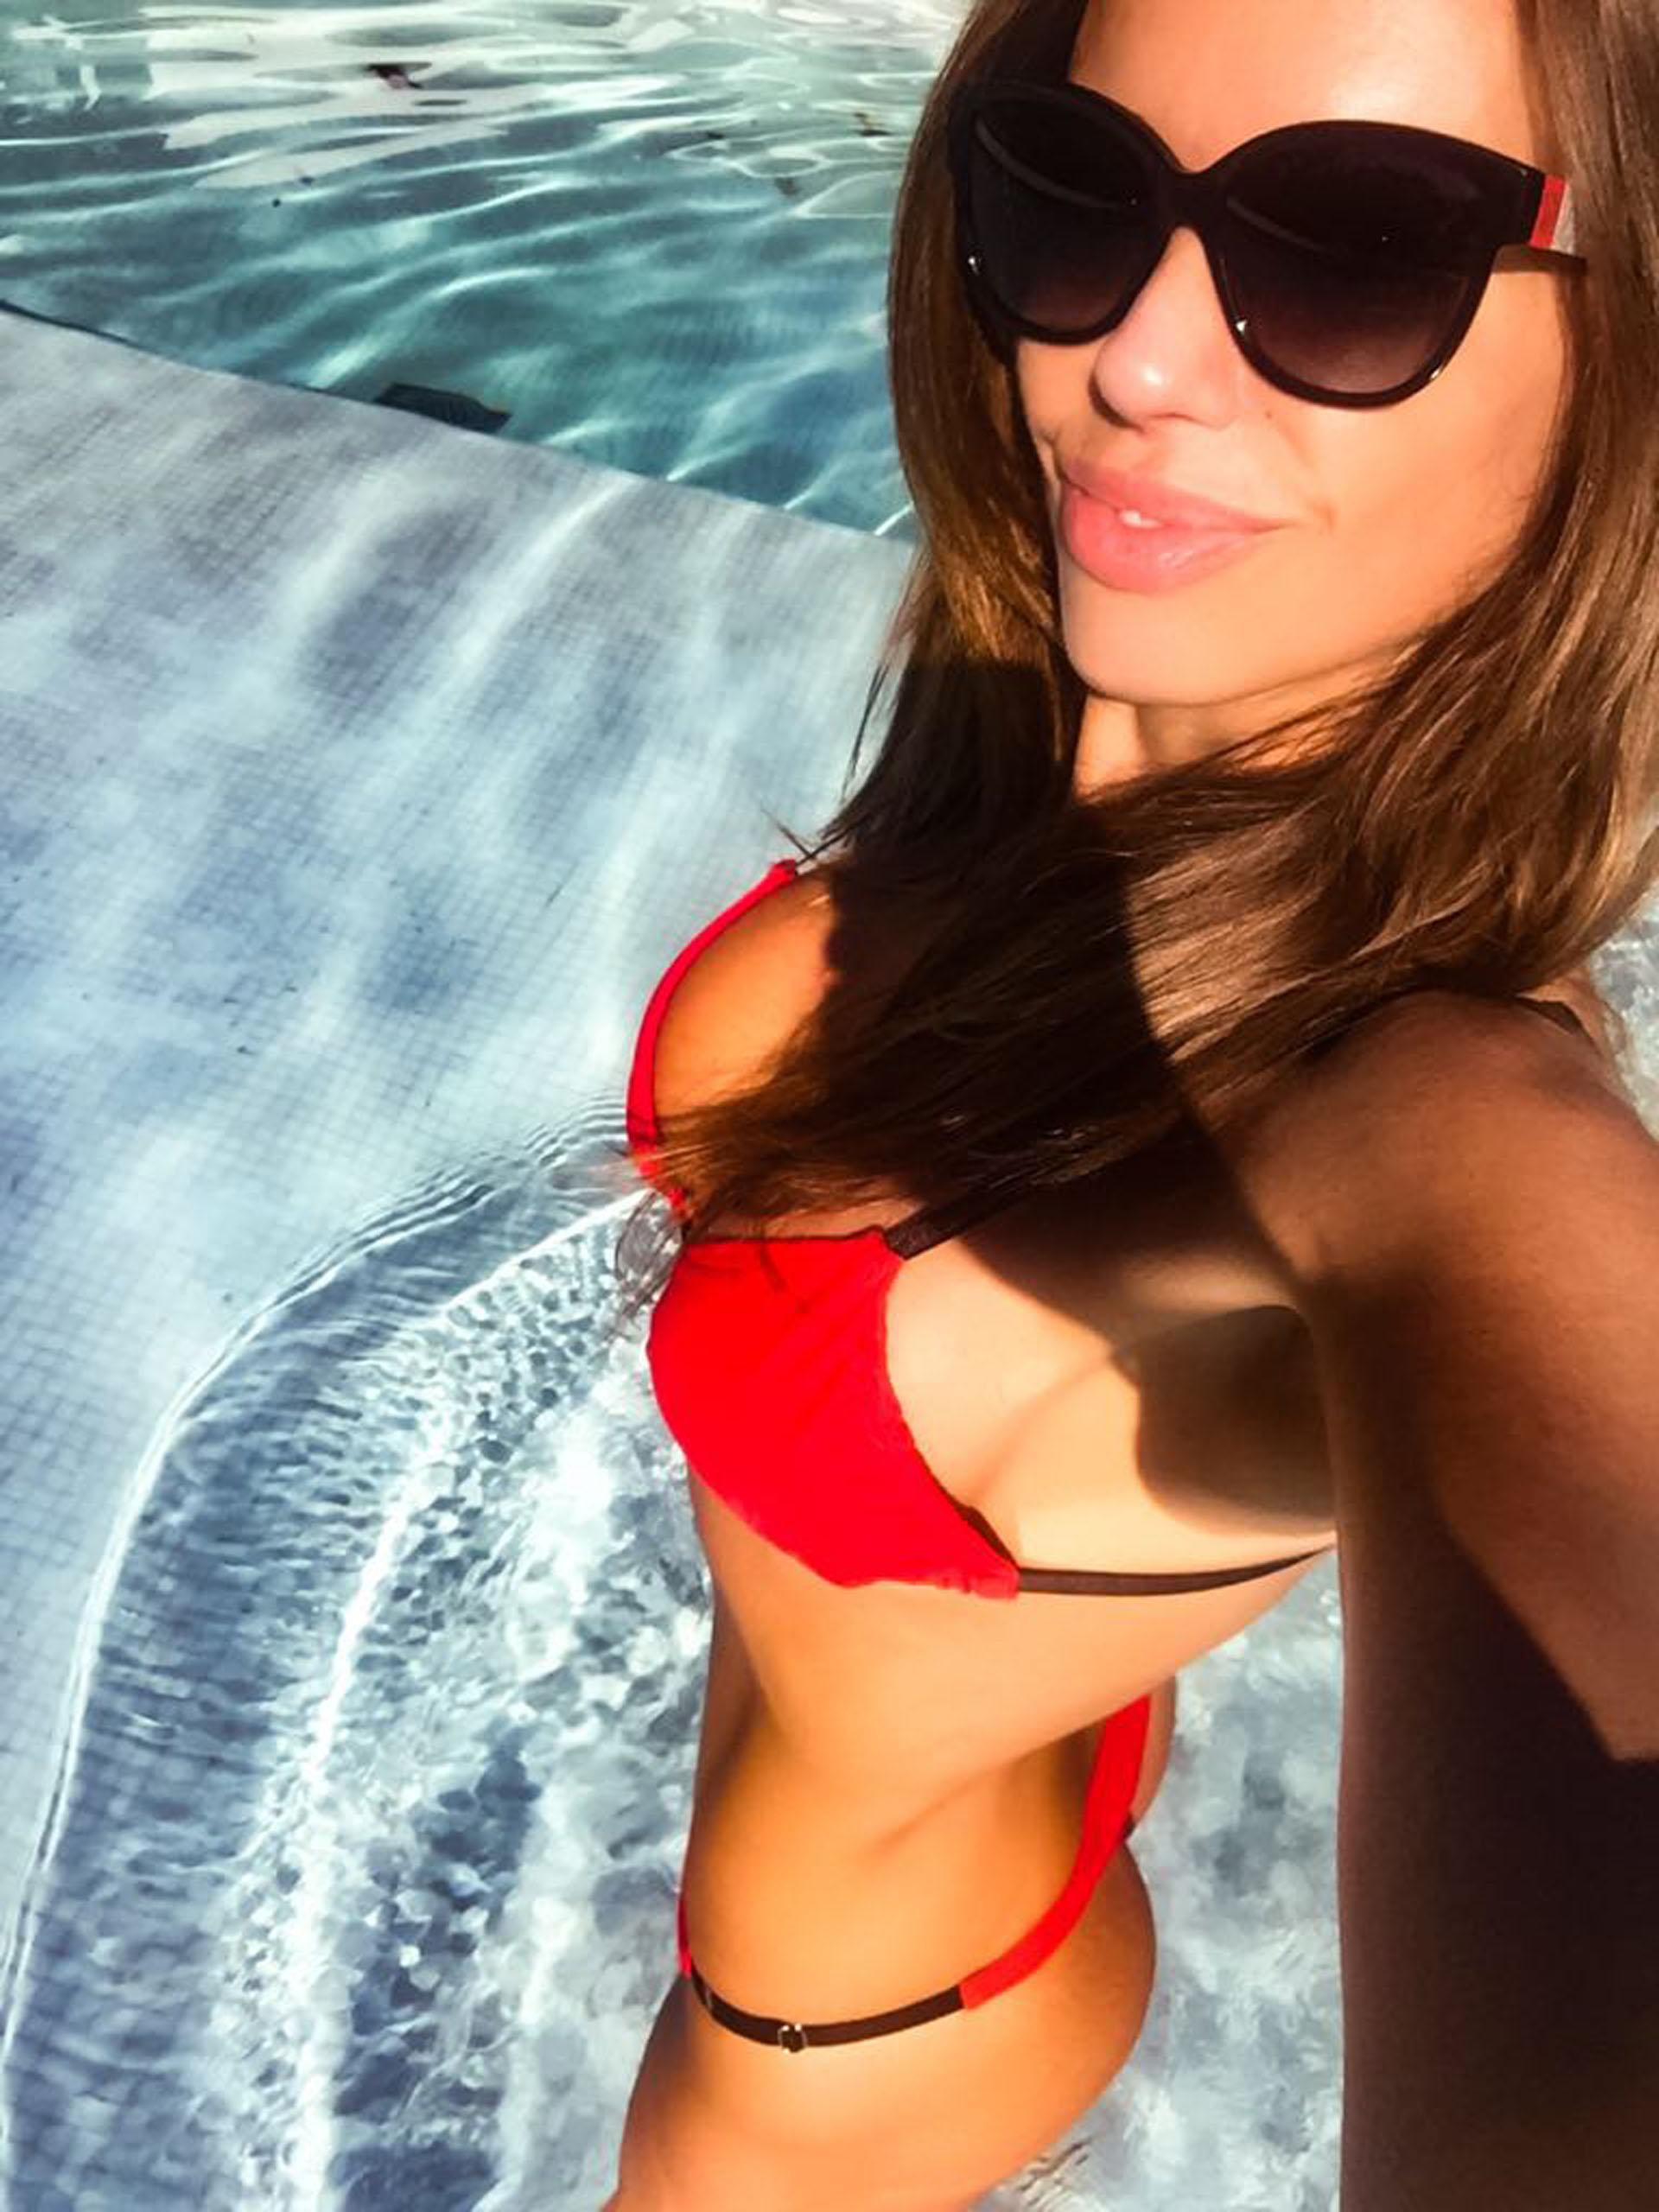 En su paso por México, Guadalupe aprovechó para disfrutar del sol y la playa